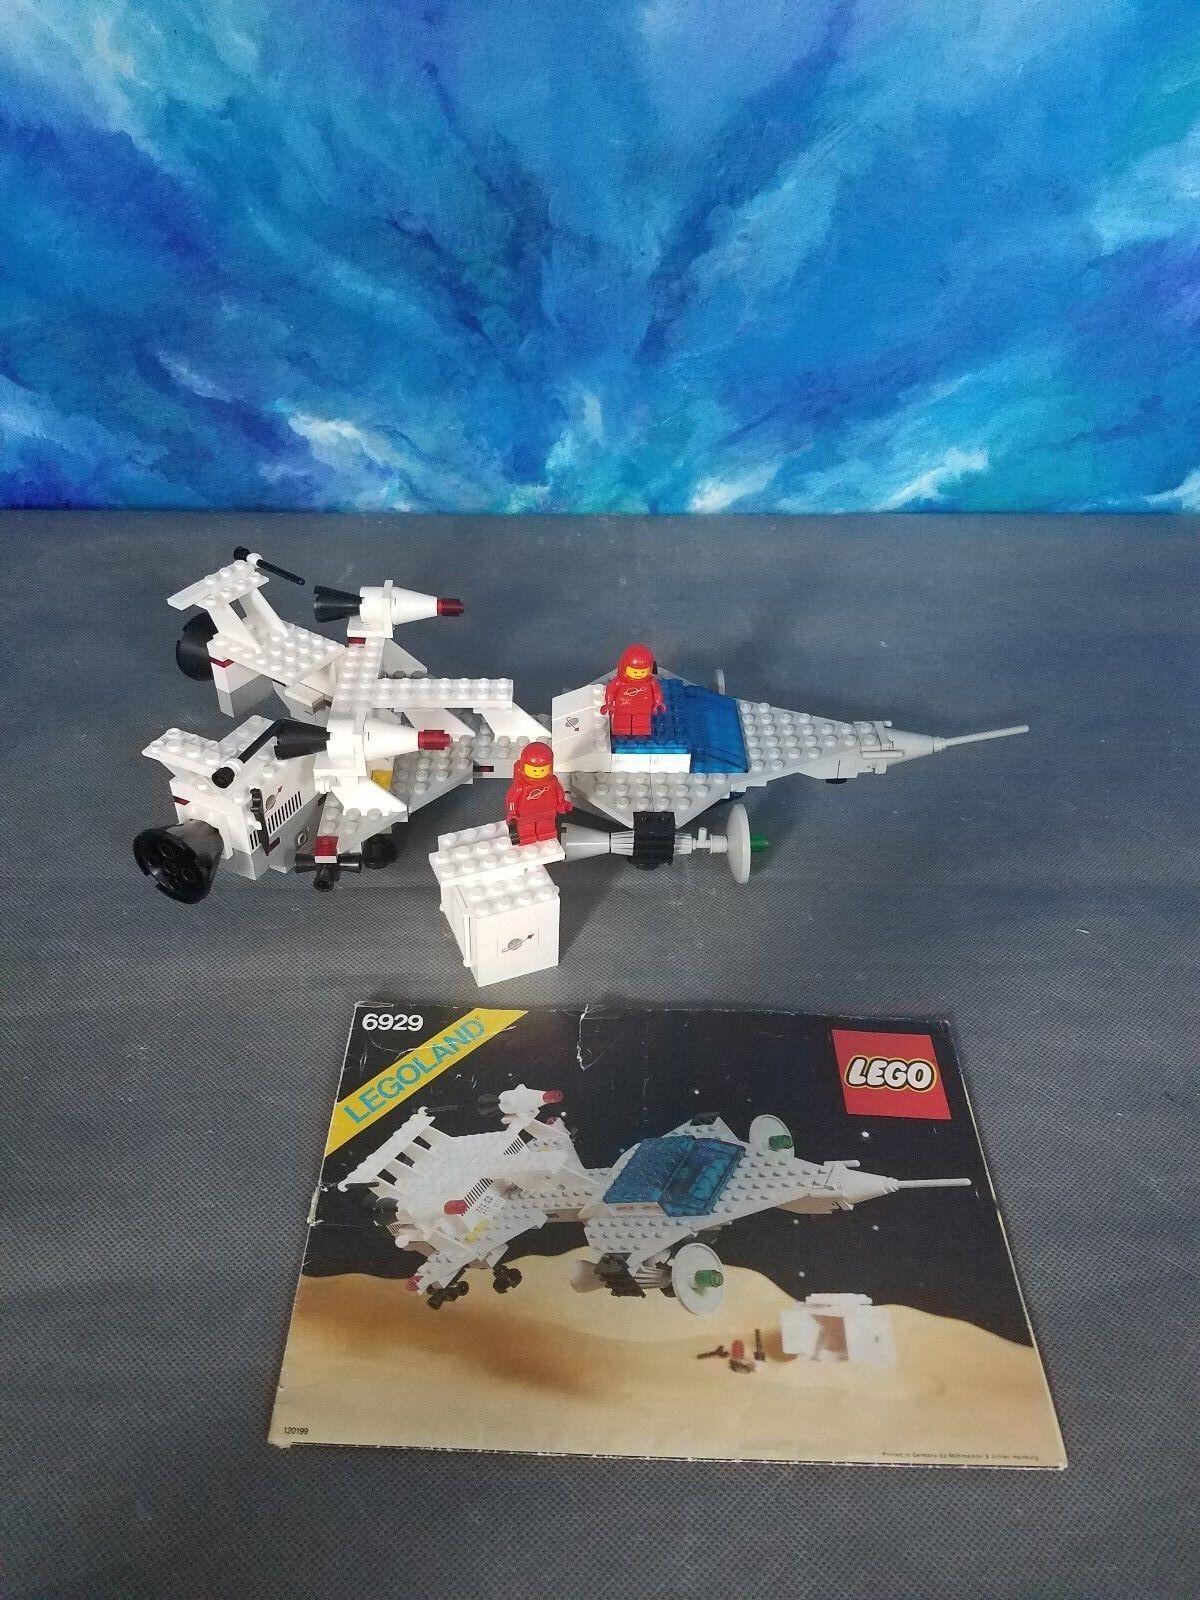 Espacio vintage lego Star Fleet Voyager 6929